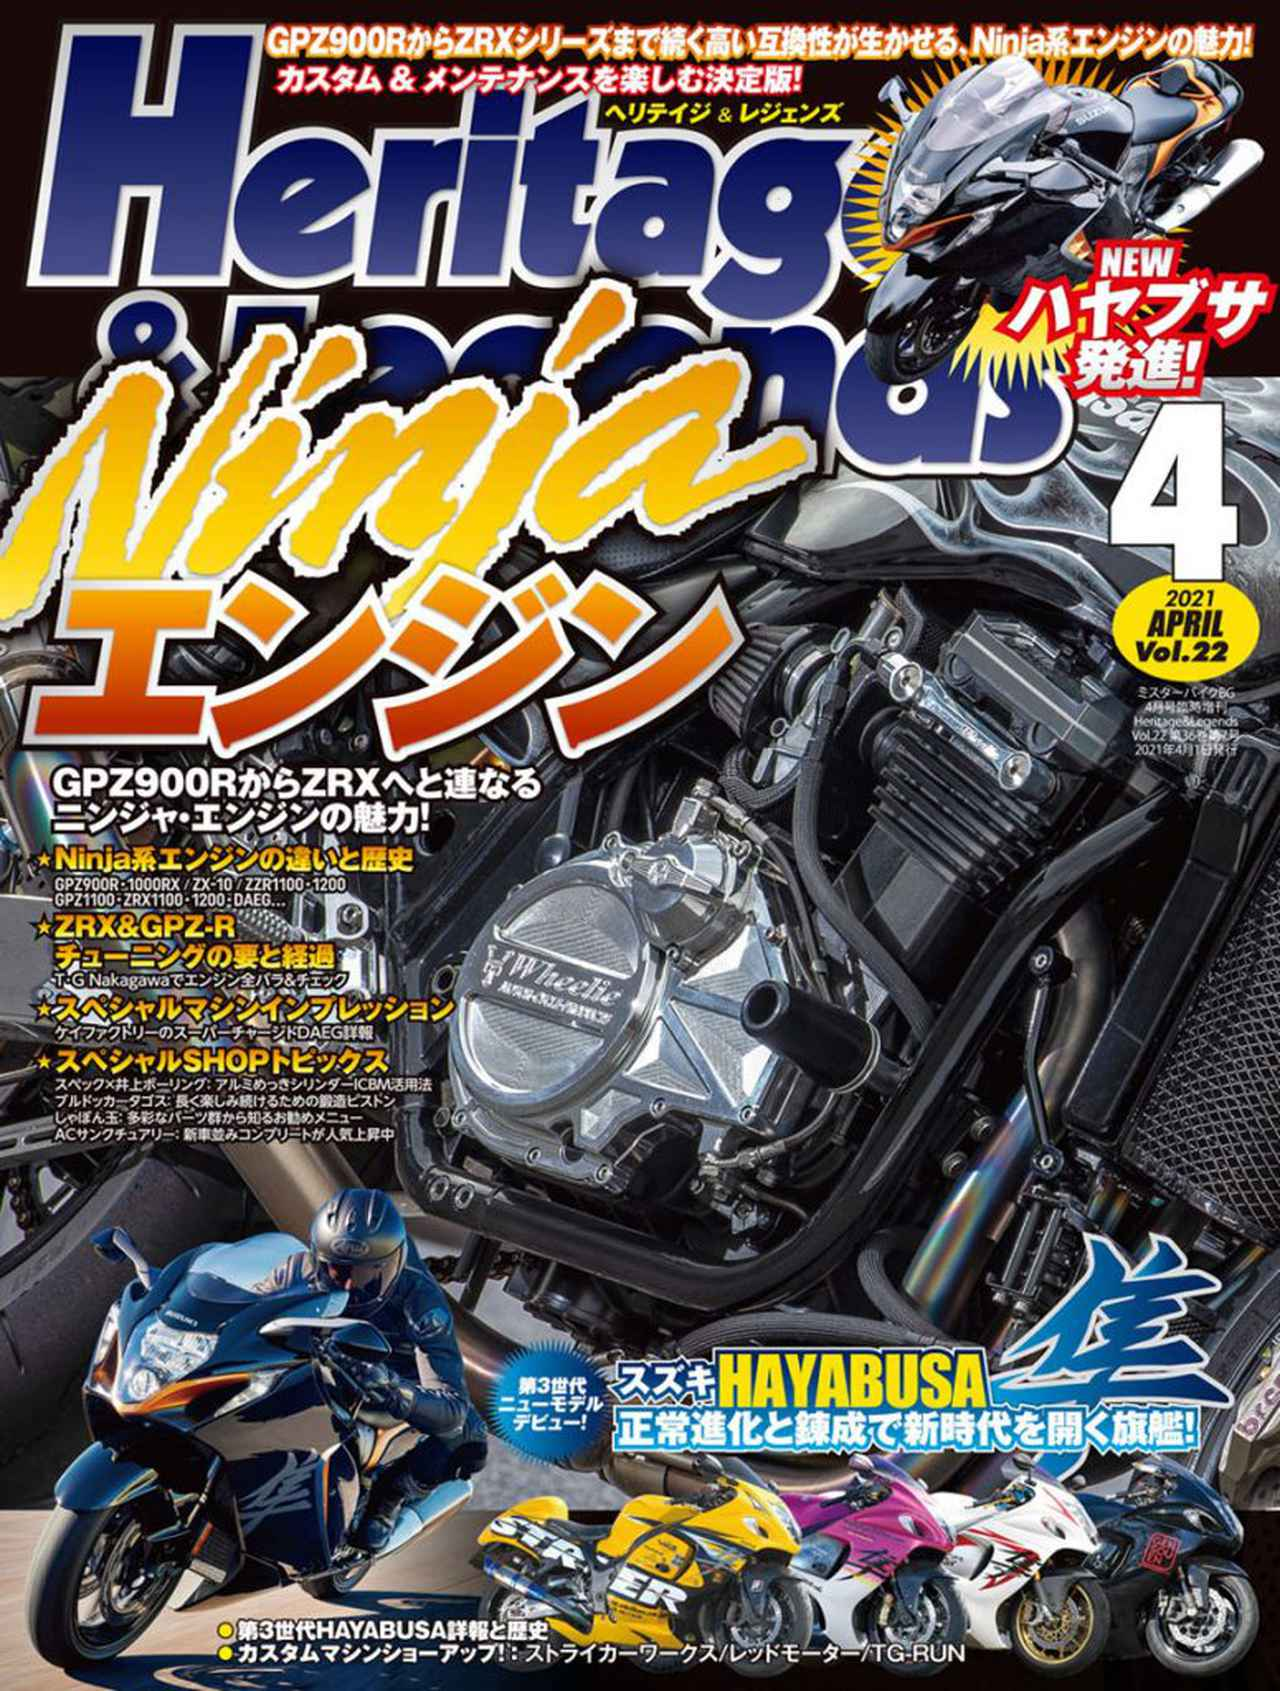 画像: 月刊ヘリテイジ&レジェンズ。2021年4月号(Vol.22)は通常より2日早い2月25日(木)の発売です!   ヘリテイジ&レジェンズ Heritage& Legends